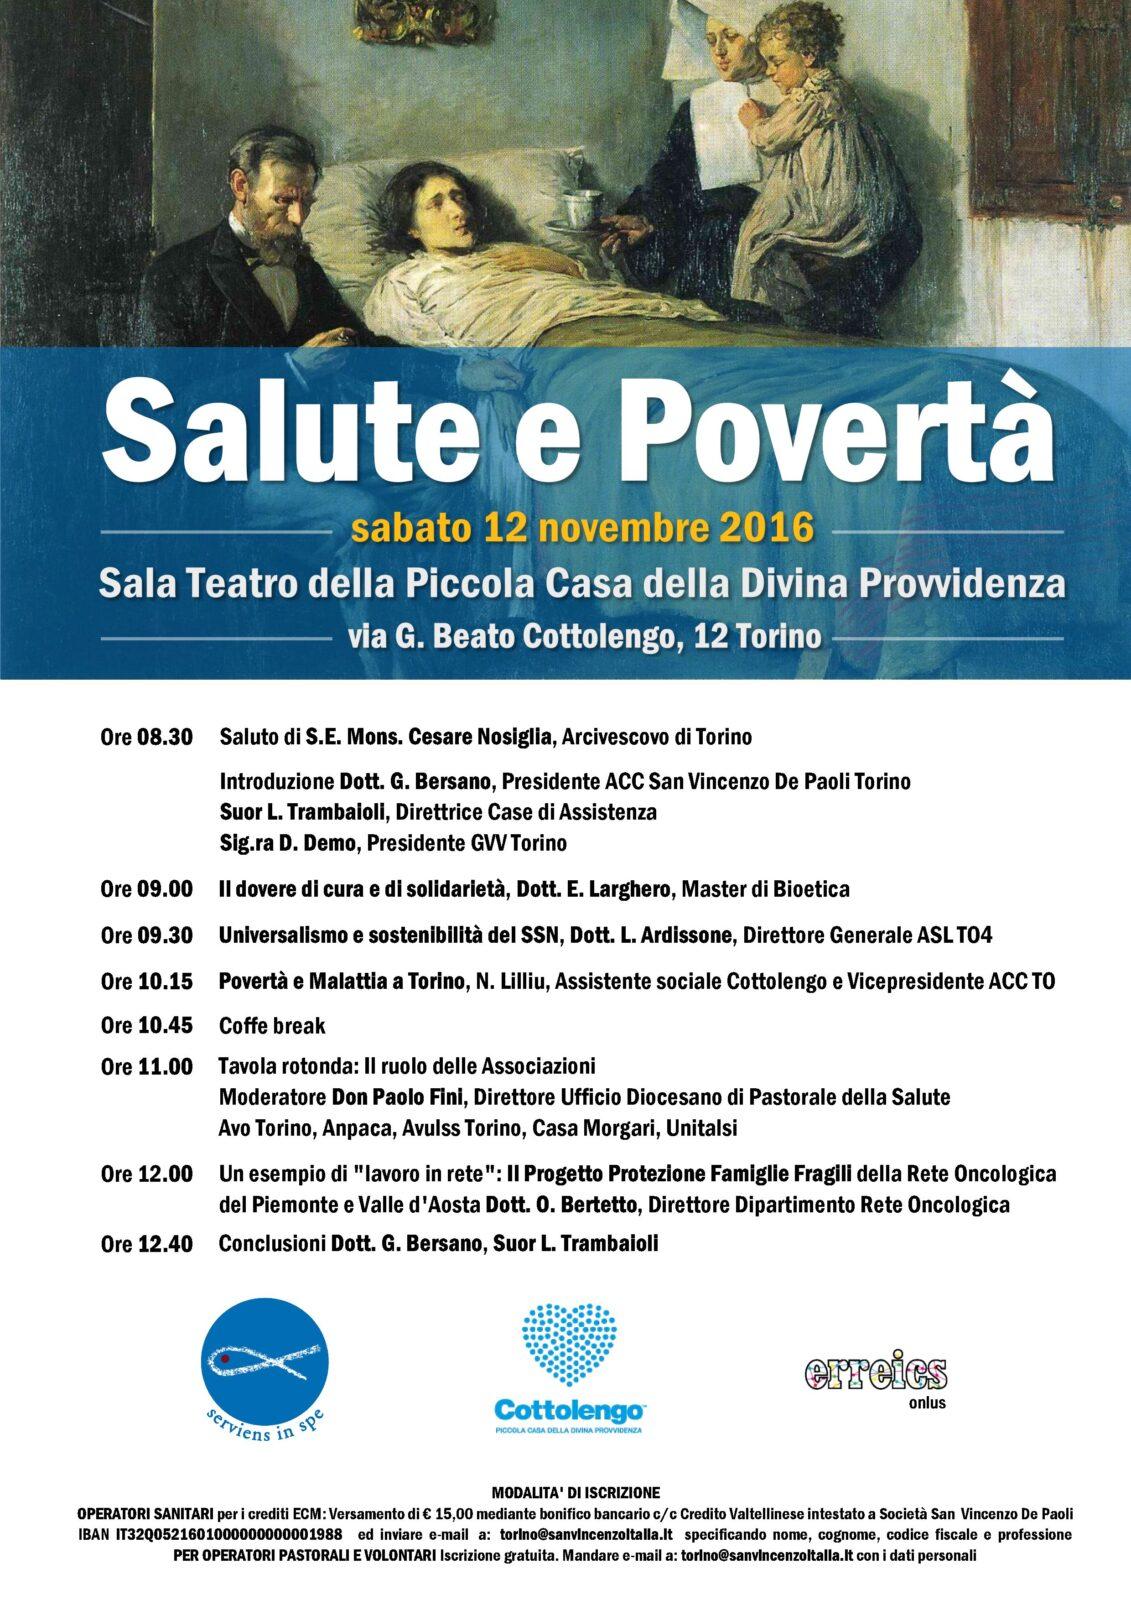 Salute e Povertà, il 12 novembre il Convegno delle Conferenze di San Vincenzo